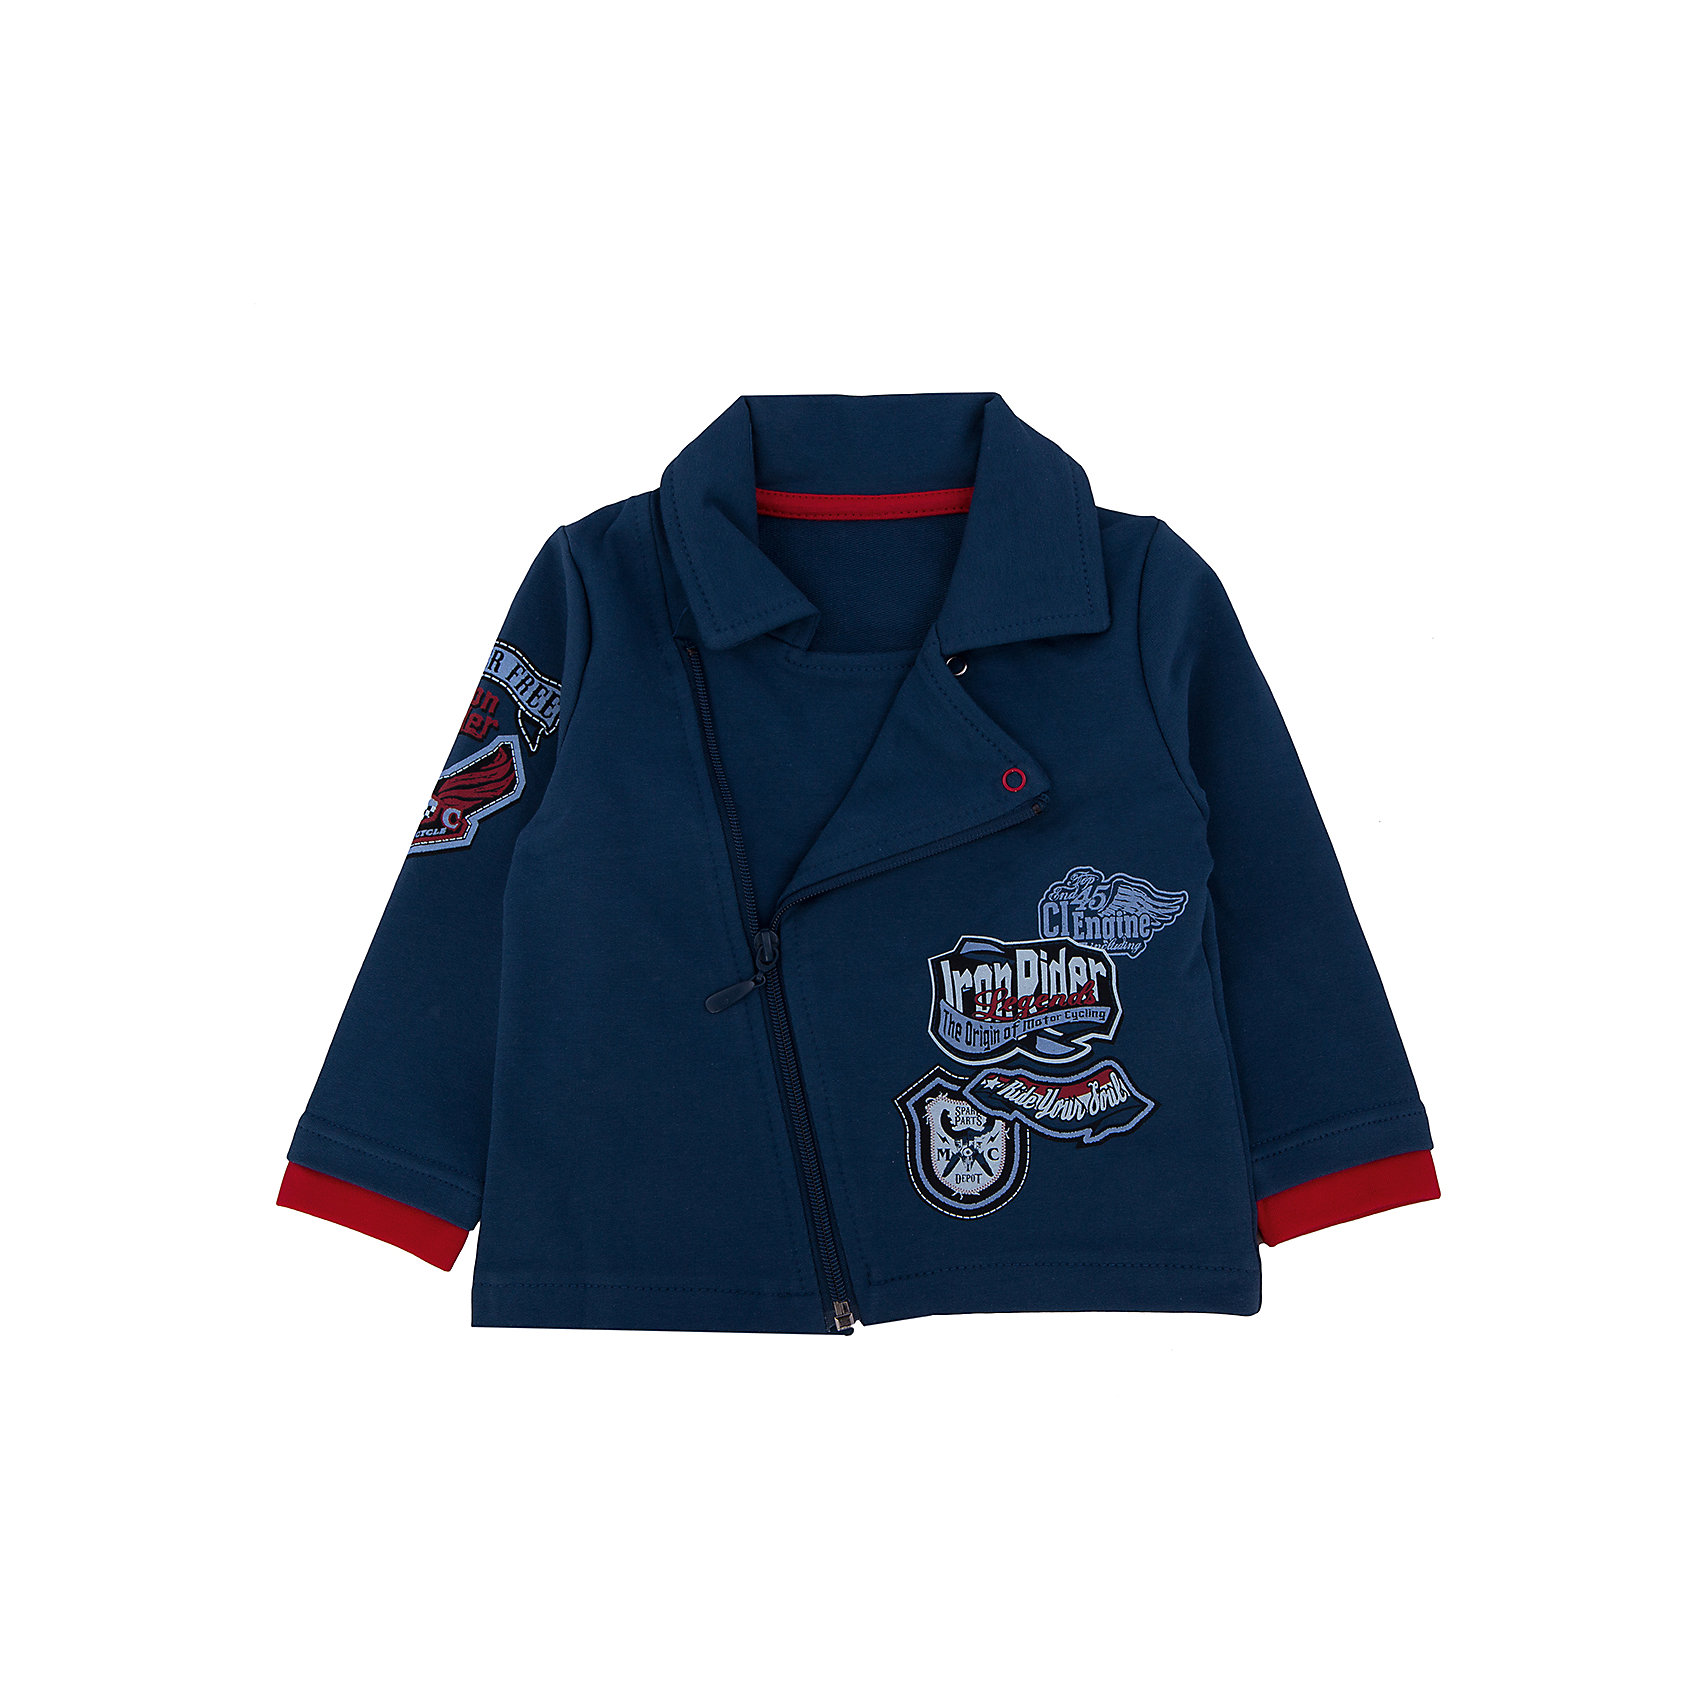 Куртка для мальчика АпрельВерхняя одежда<br>Оригинальная куртка из мягкого хлопка. Приятная на ощупь, не сковывает движения, обеспечивая наибольший комфорт. Изделие с длинными рукавами и отложным воротничком, застегивается на косую молнию по принципу косухи, украшен дизайнерским брутальным принтом. Индивидуальный дизайн и модная расцветка делают этот комплект незаменимым предметом детского гардероба. Состав: 95% хлопок, 5% лайкра<br><br>Ширина мм: 356<br>Глубина мм: 10<br>Высота мм: 245<br>Вес г: 519<br>Цвет: синий<br>Возраст от месяцев: 12<br>Возраст до месяцев: 15<br>Пол: Мужской<br>Возраст: Детский<br>Размер: 80,74<br>SKU: 4630890